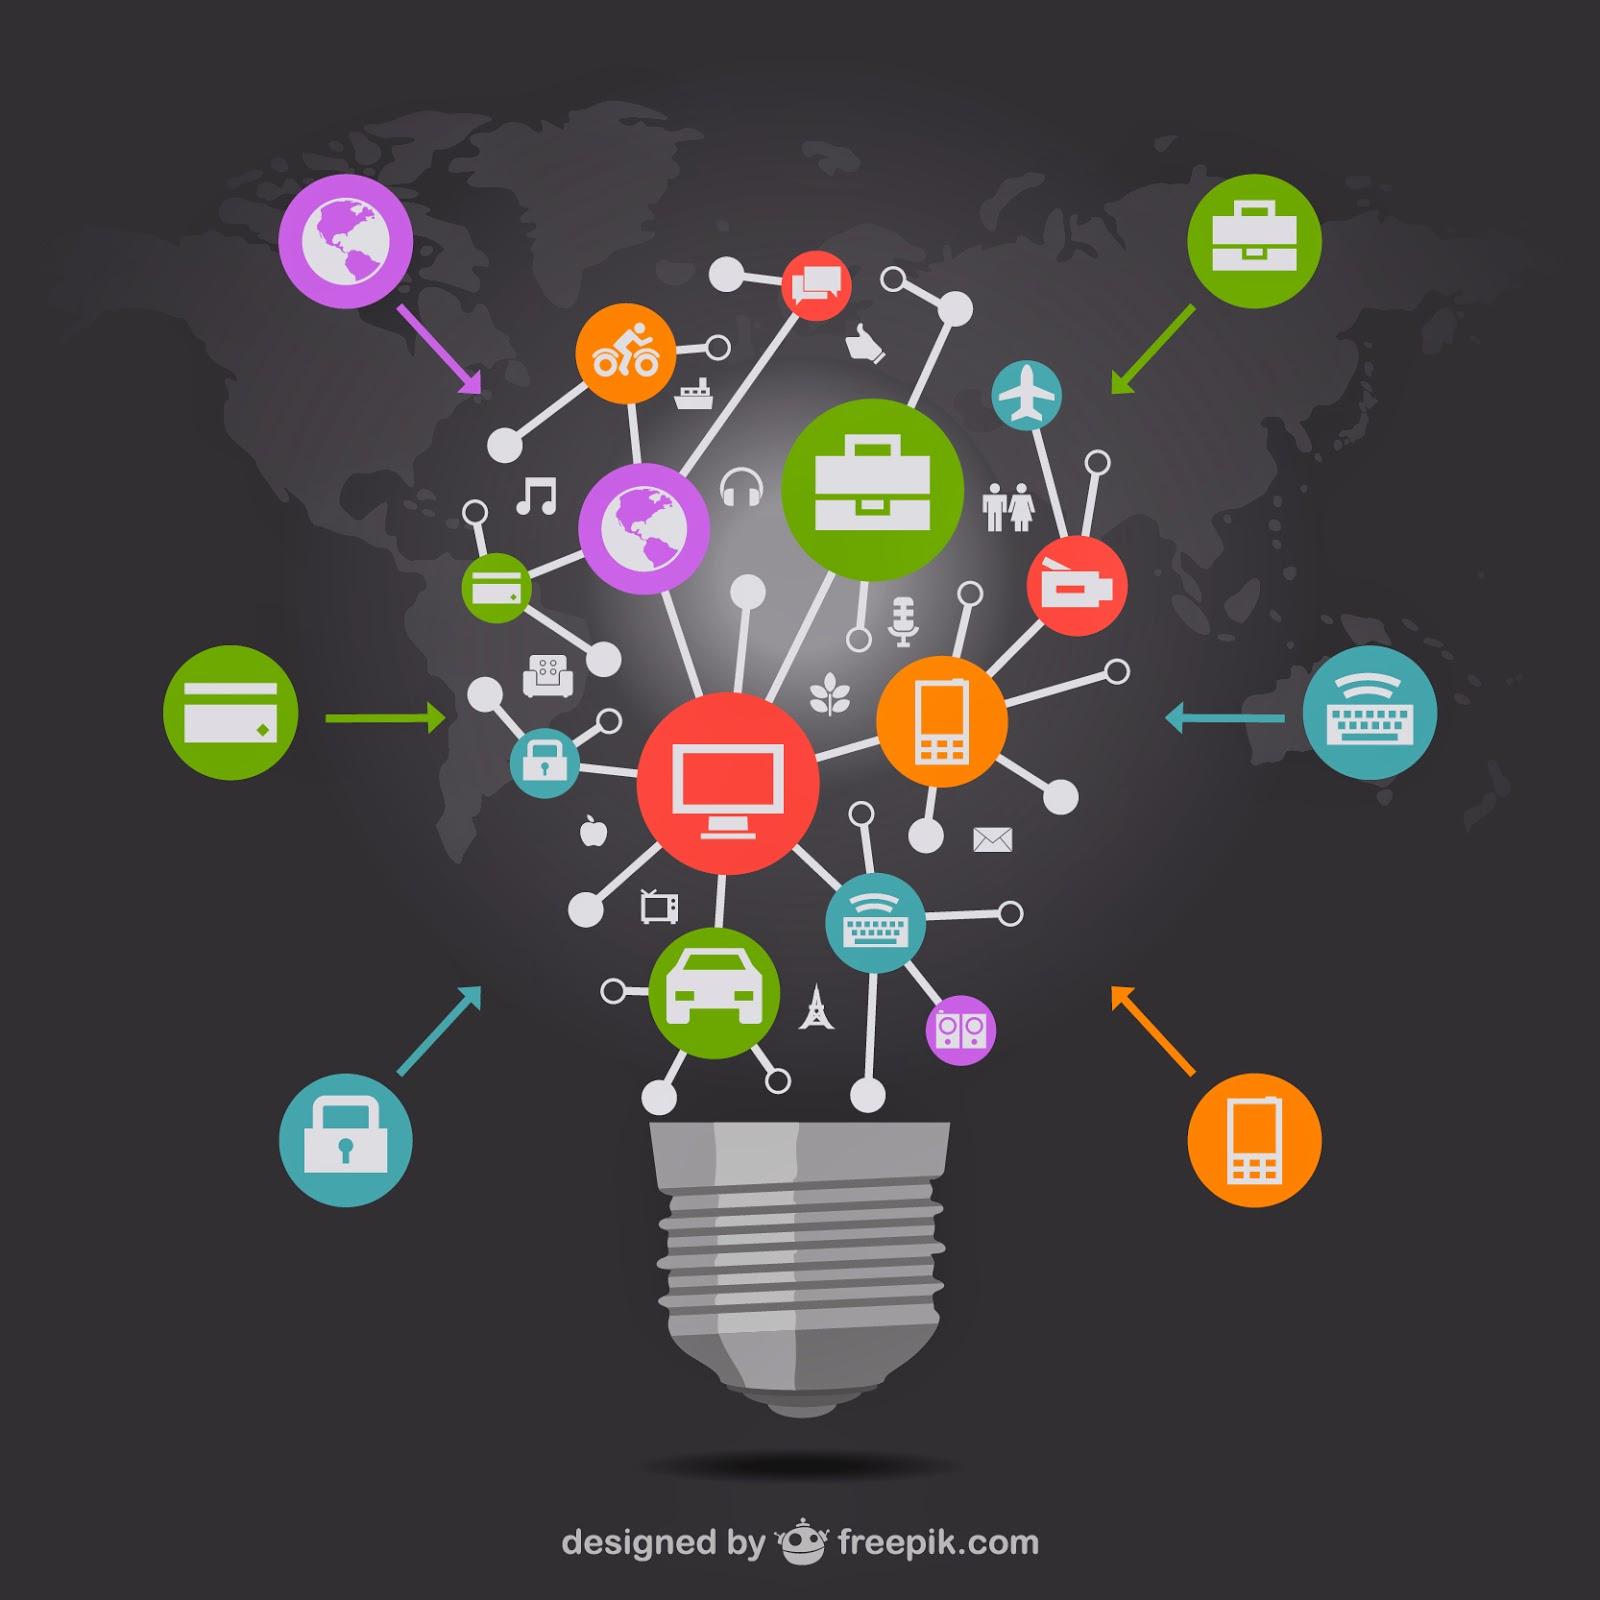 tecnologia i canvi